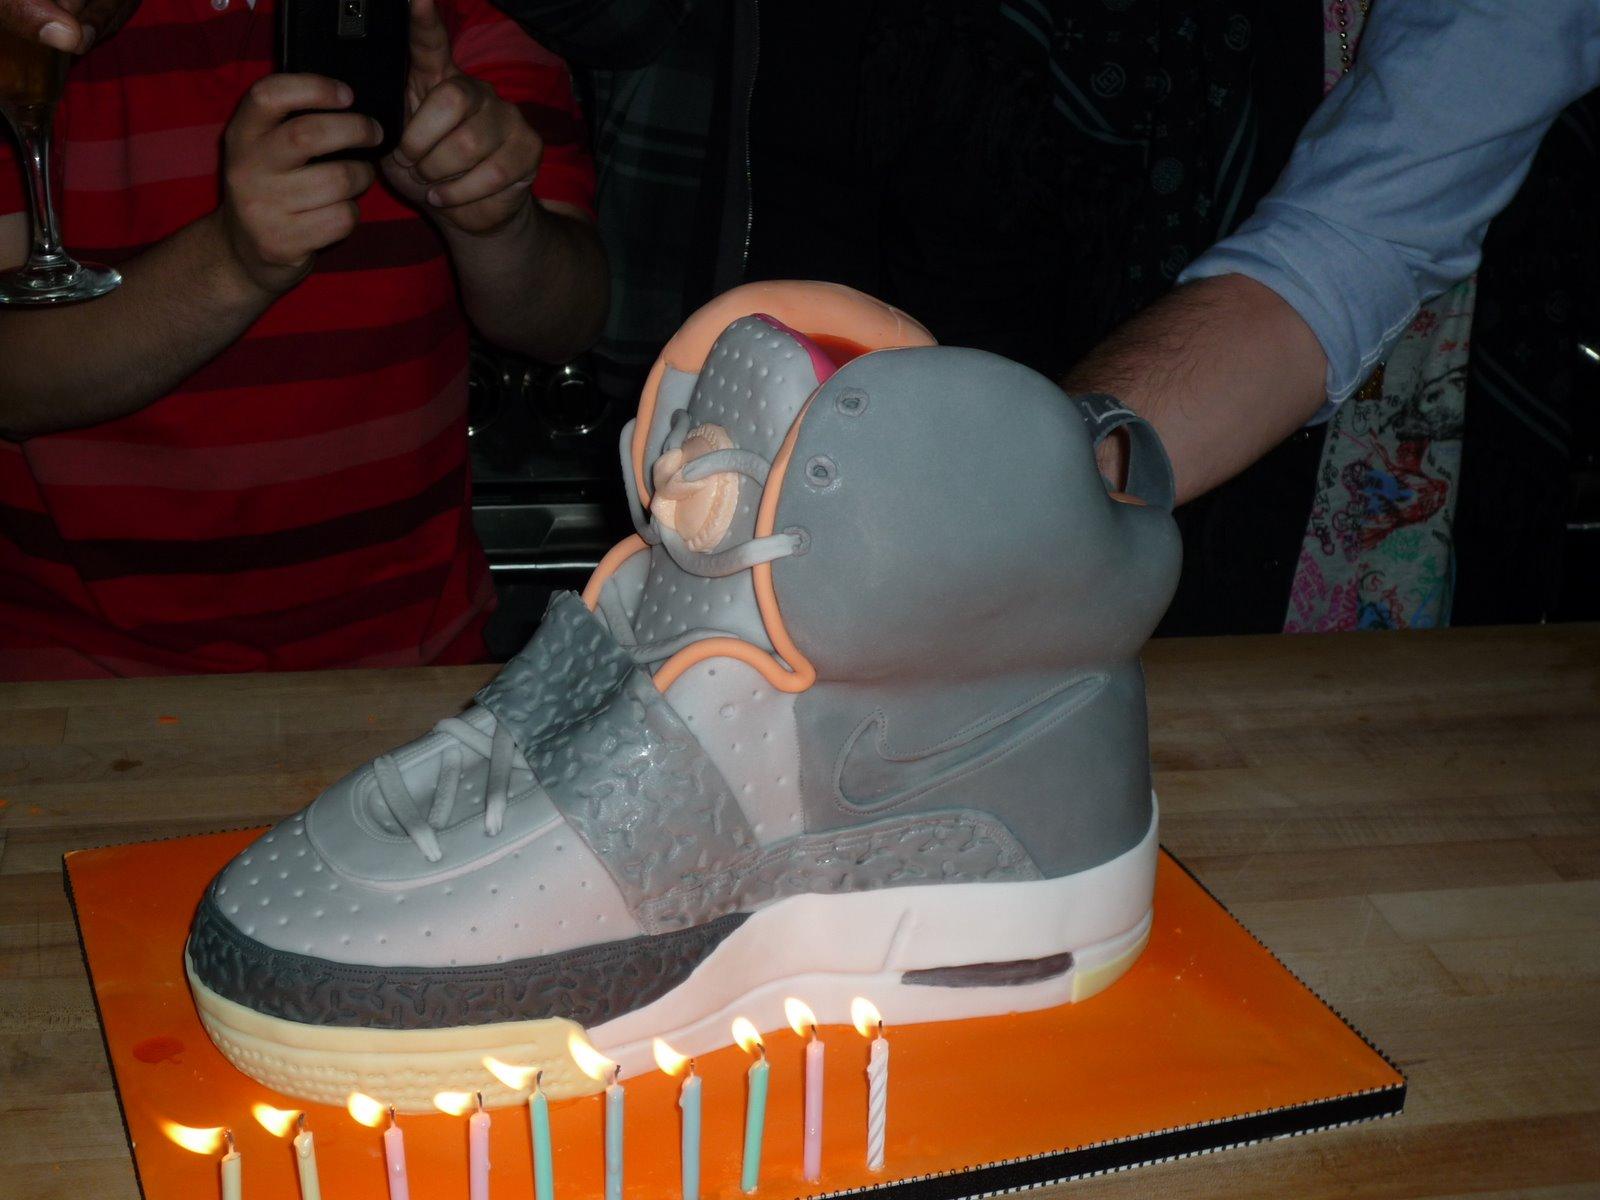 Yeezy Cake